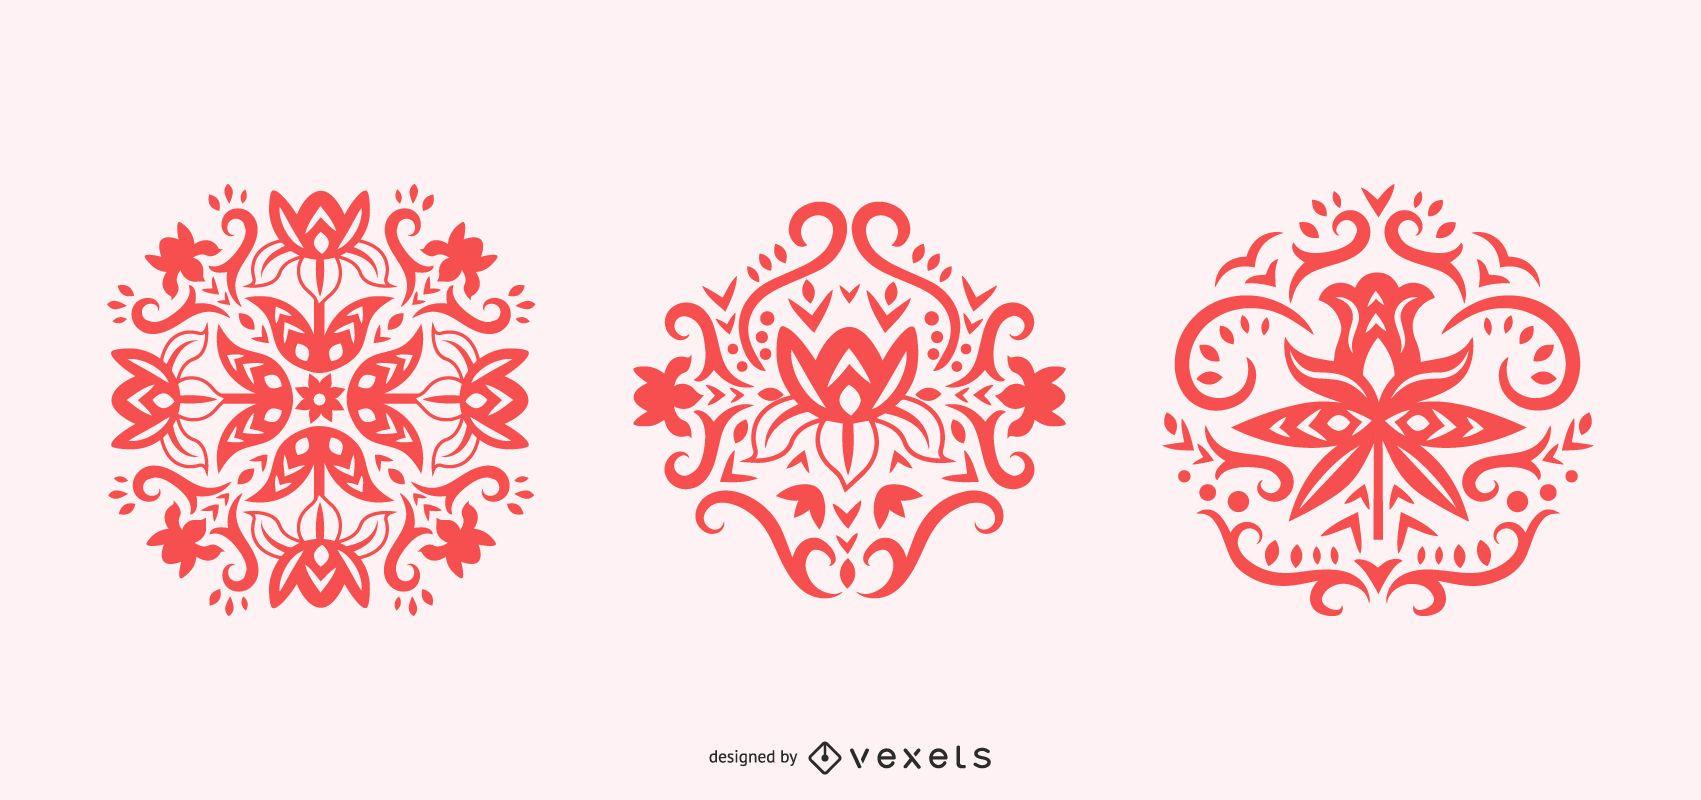 Scandinavian flower swirl silhouettes